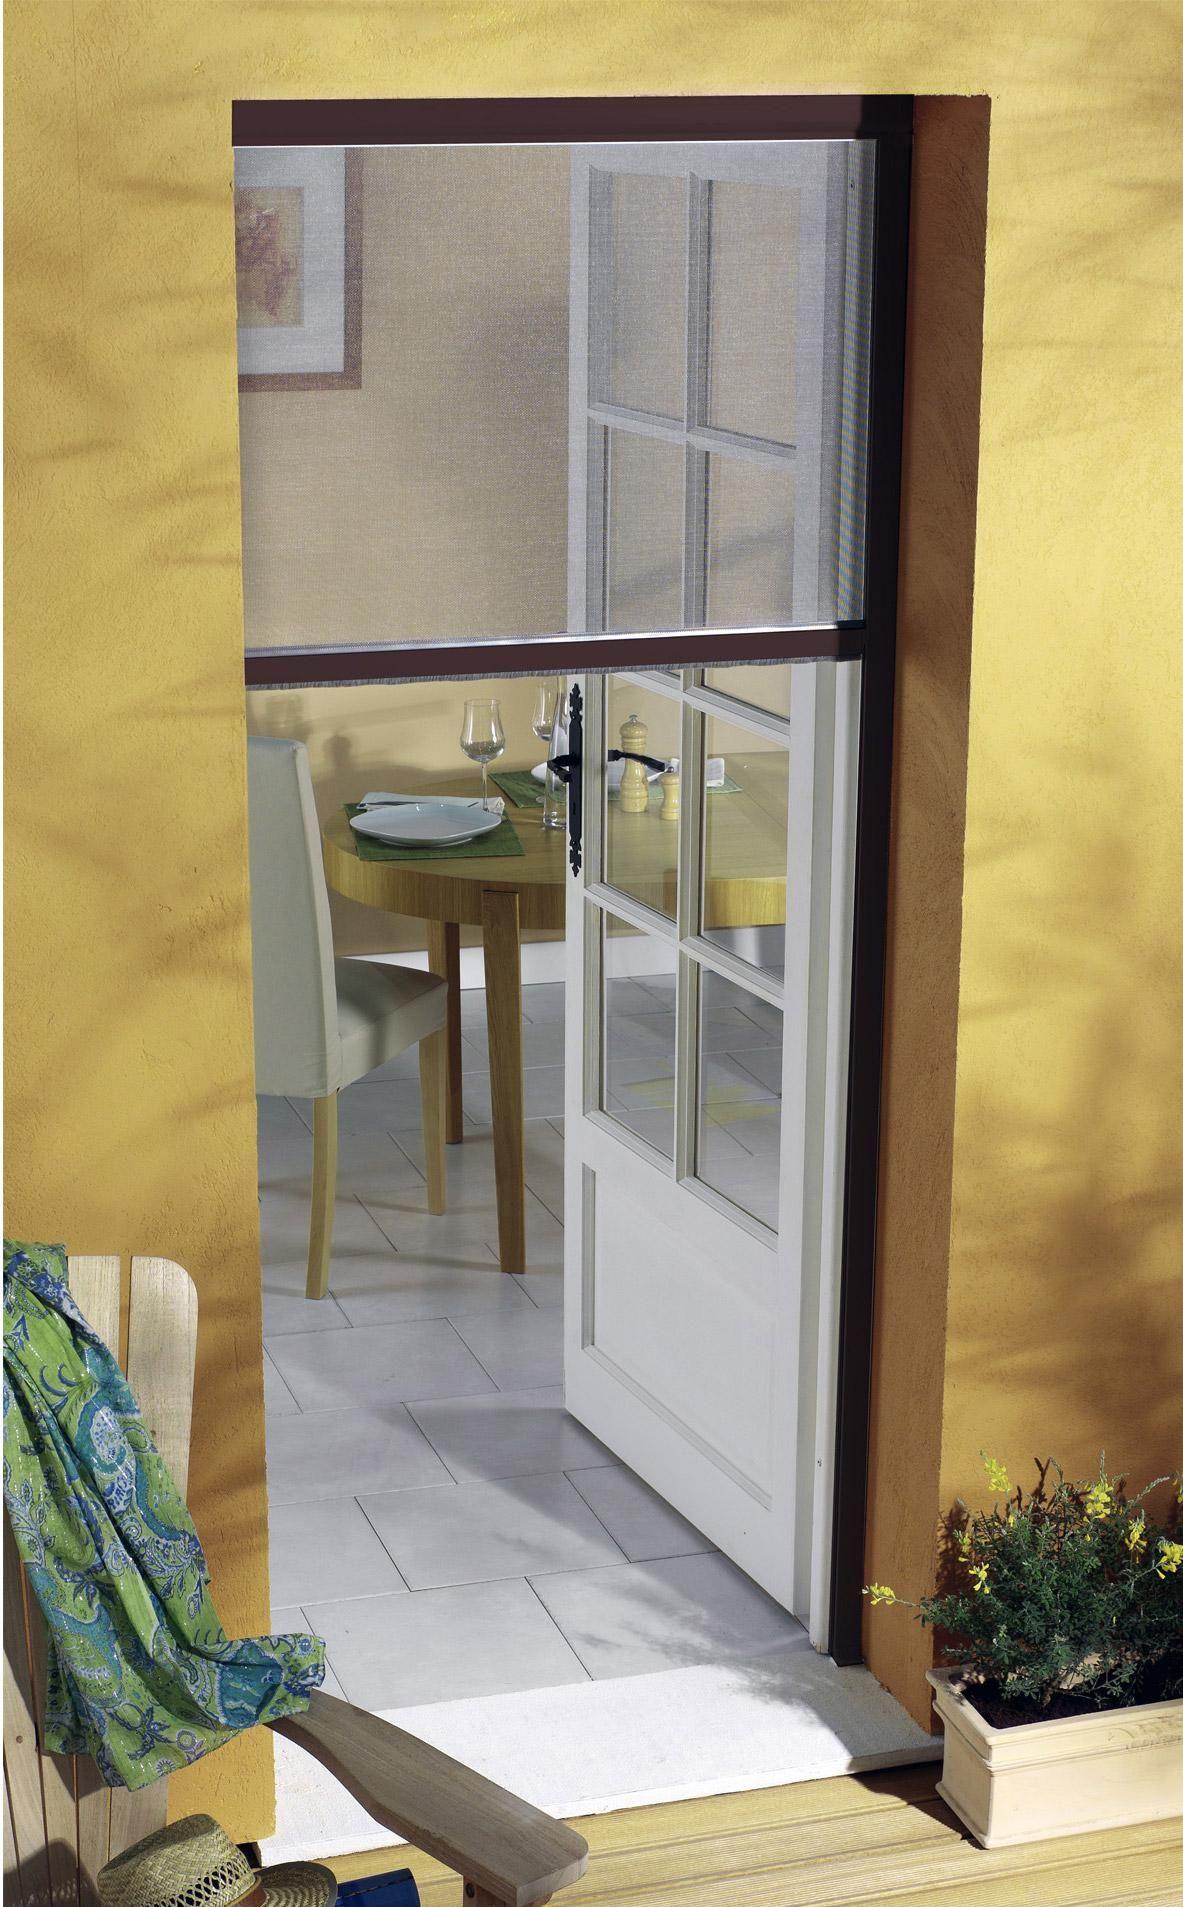 Moustiquaire Pour Porte Fenetre A Enroulement Vertical Moustikit H 230 X L 125cm En 2020 Moustiquaire Porte Fenetre Moustiquaire Pour Porte Porte Fenetre